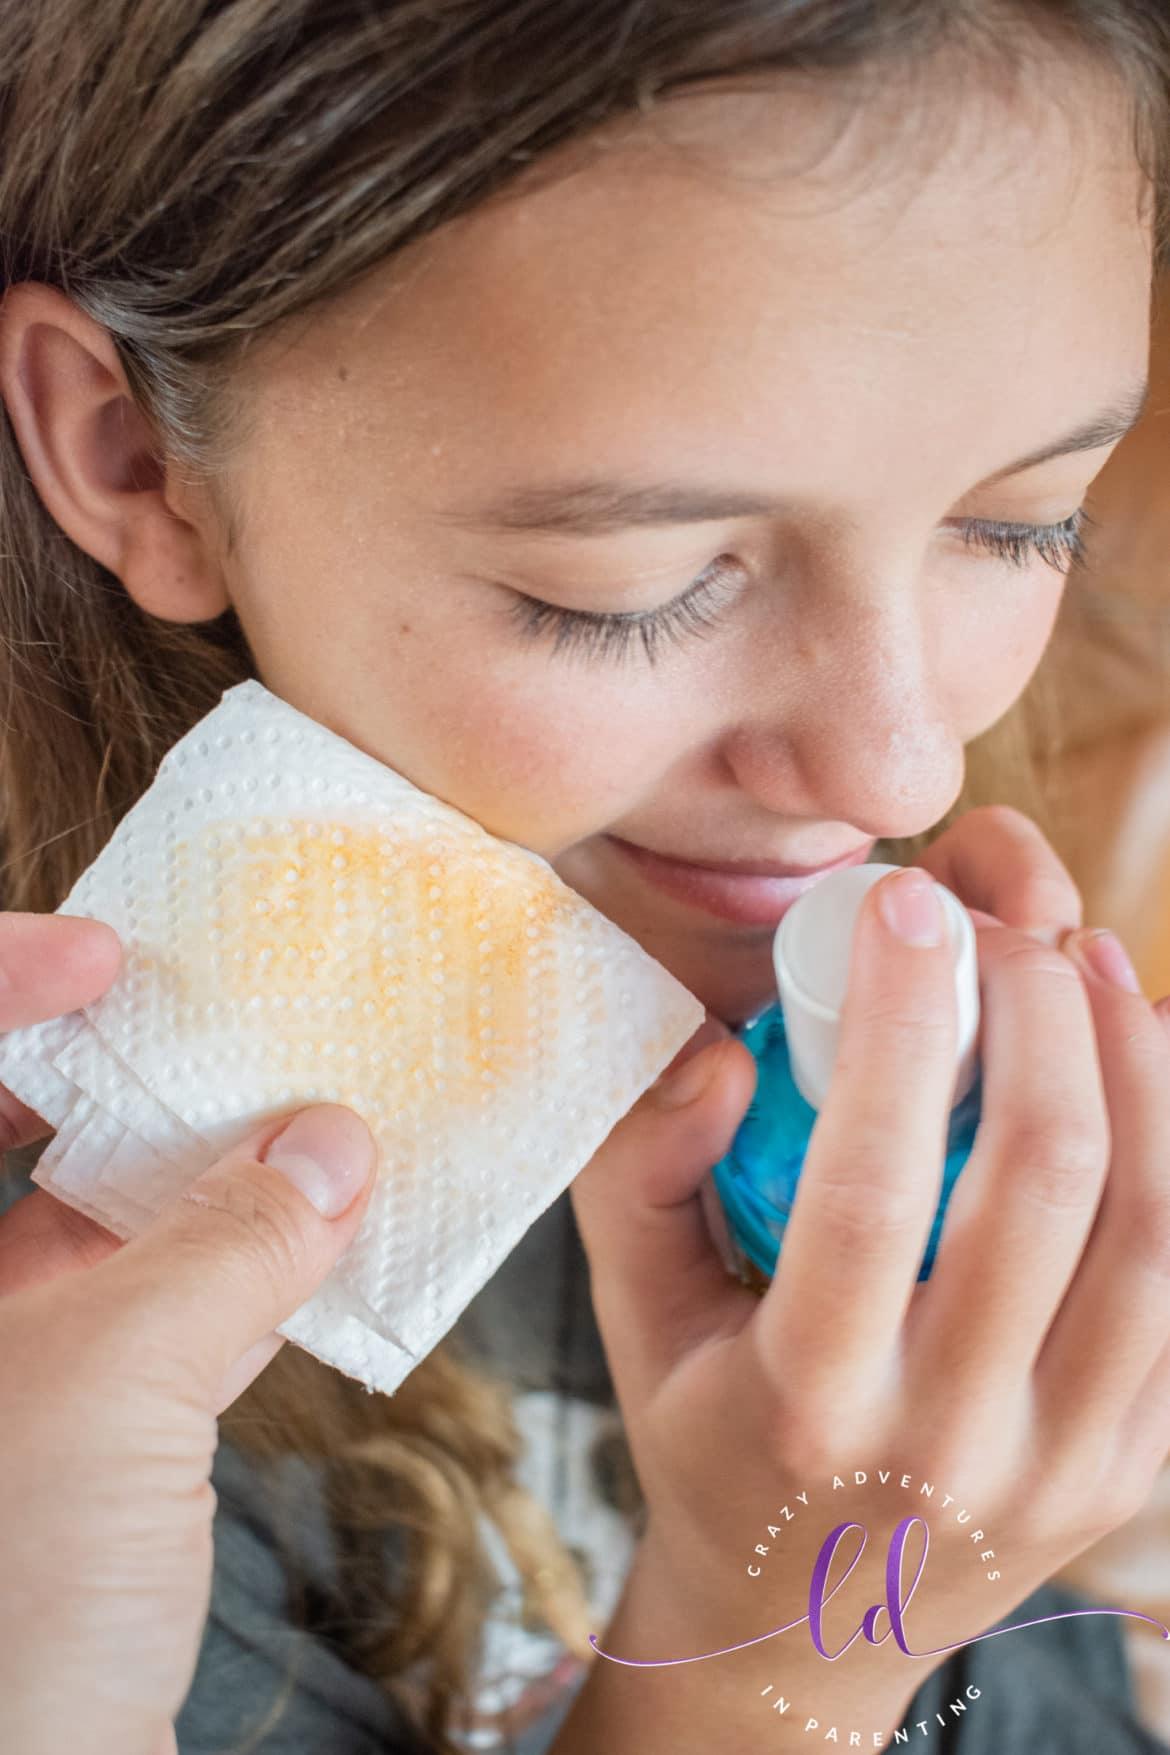 Goo Gone Bandage & Adhesive Remover